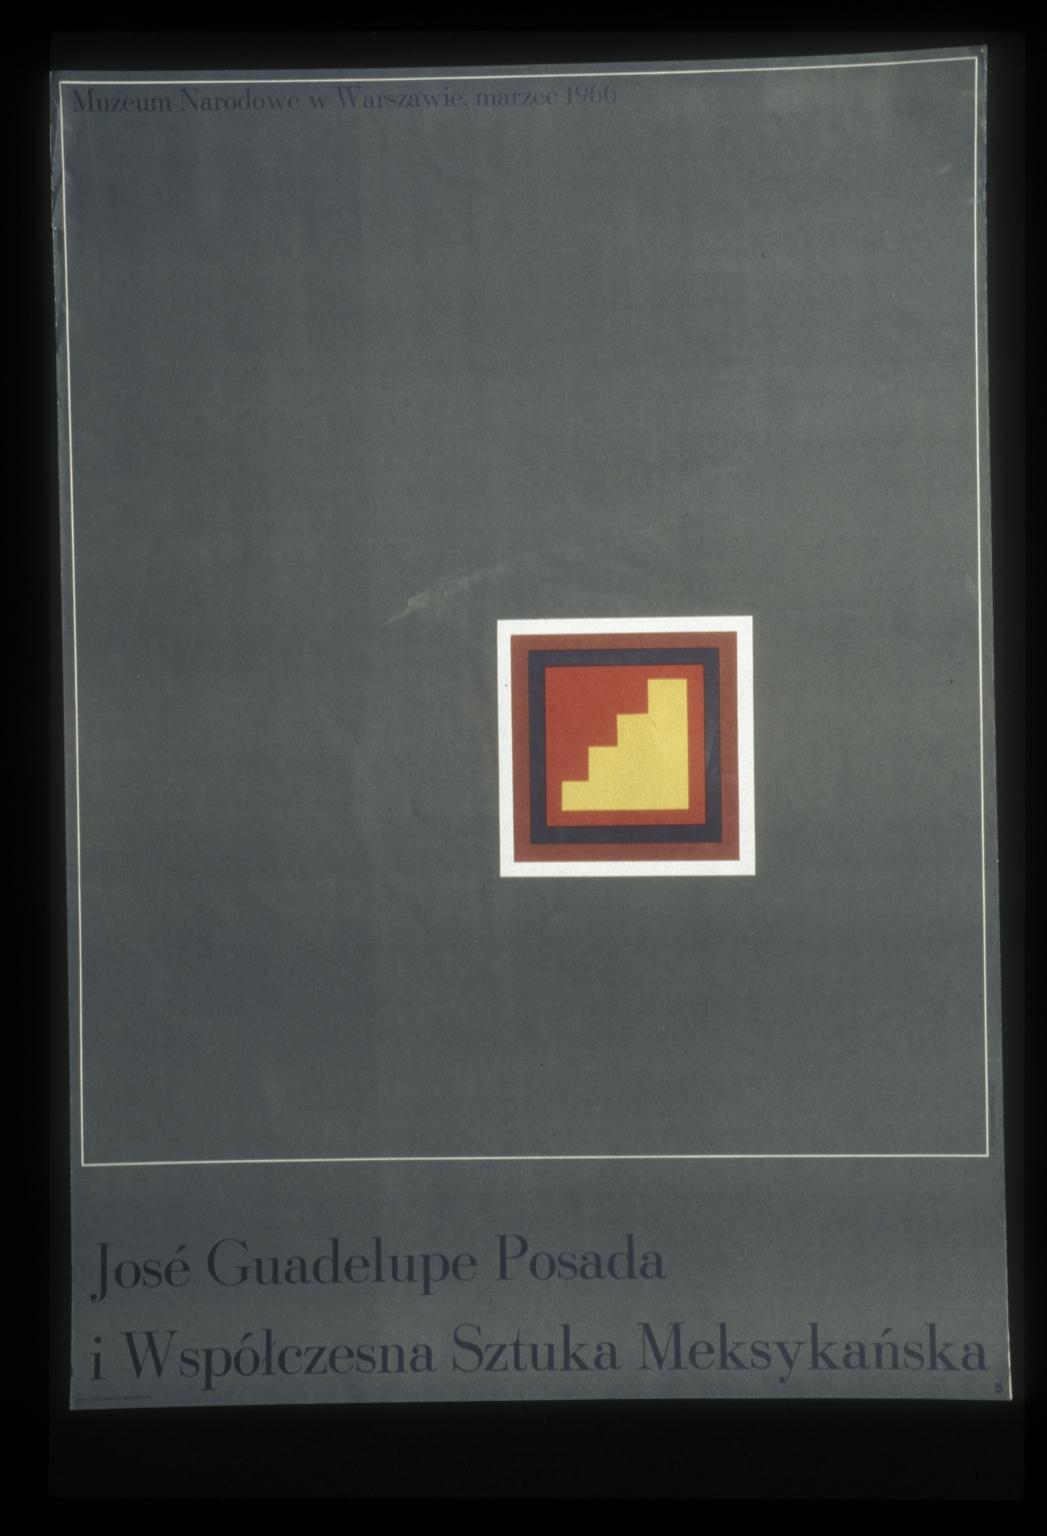 Jose Guadelupe (sic) Posada i wspolczesna sztuka meksykanska: Muzeum Narodowe w Warszawie, marzec 1966